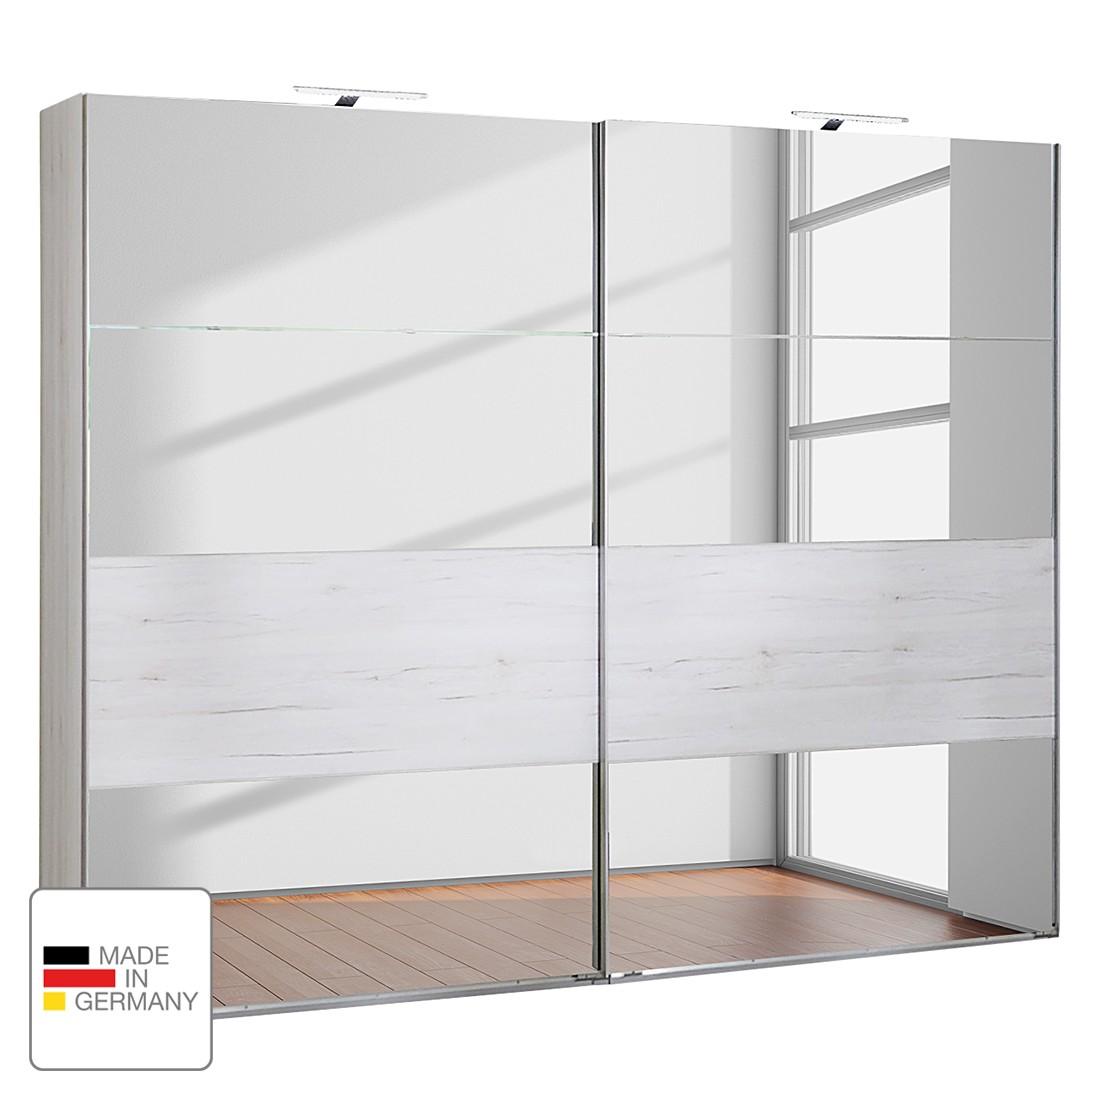 Schwebetürenschrank Sylt – Weißeiche Dekor – LED-Beleuchtung – 225 cm (2-türig), Wimex jetzt bestellen